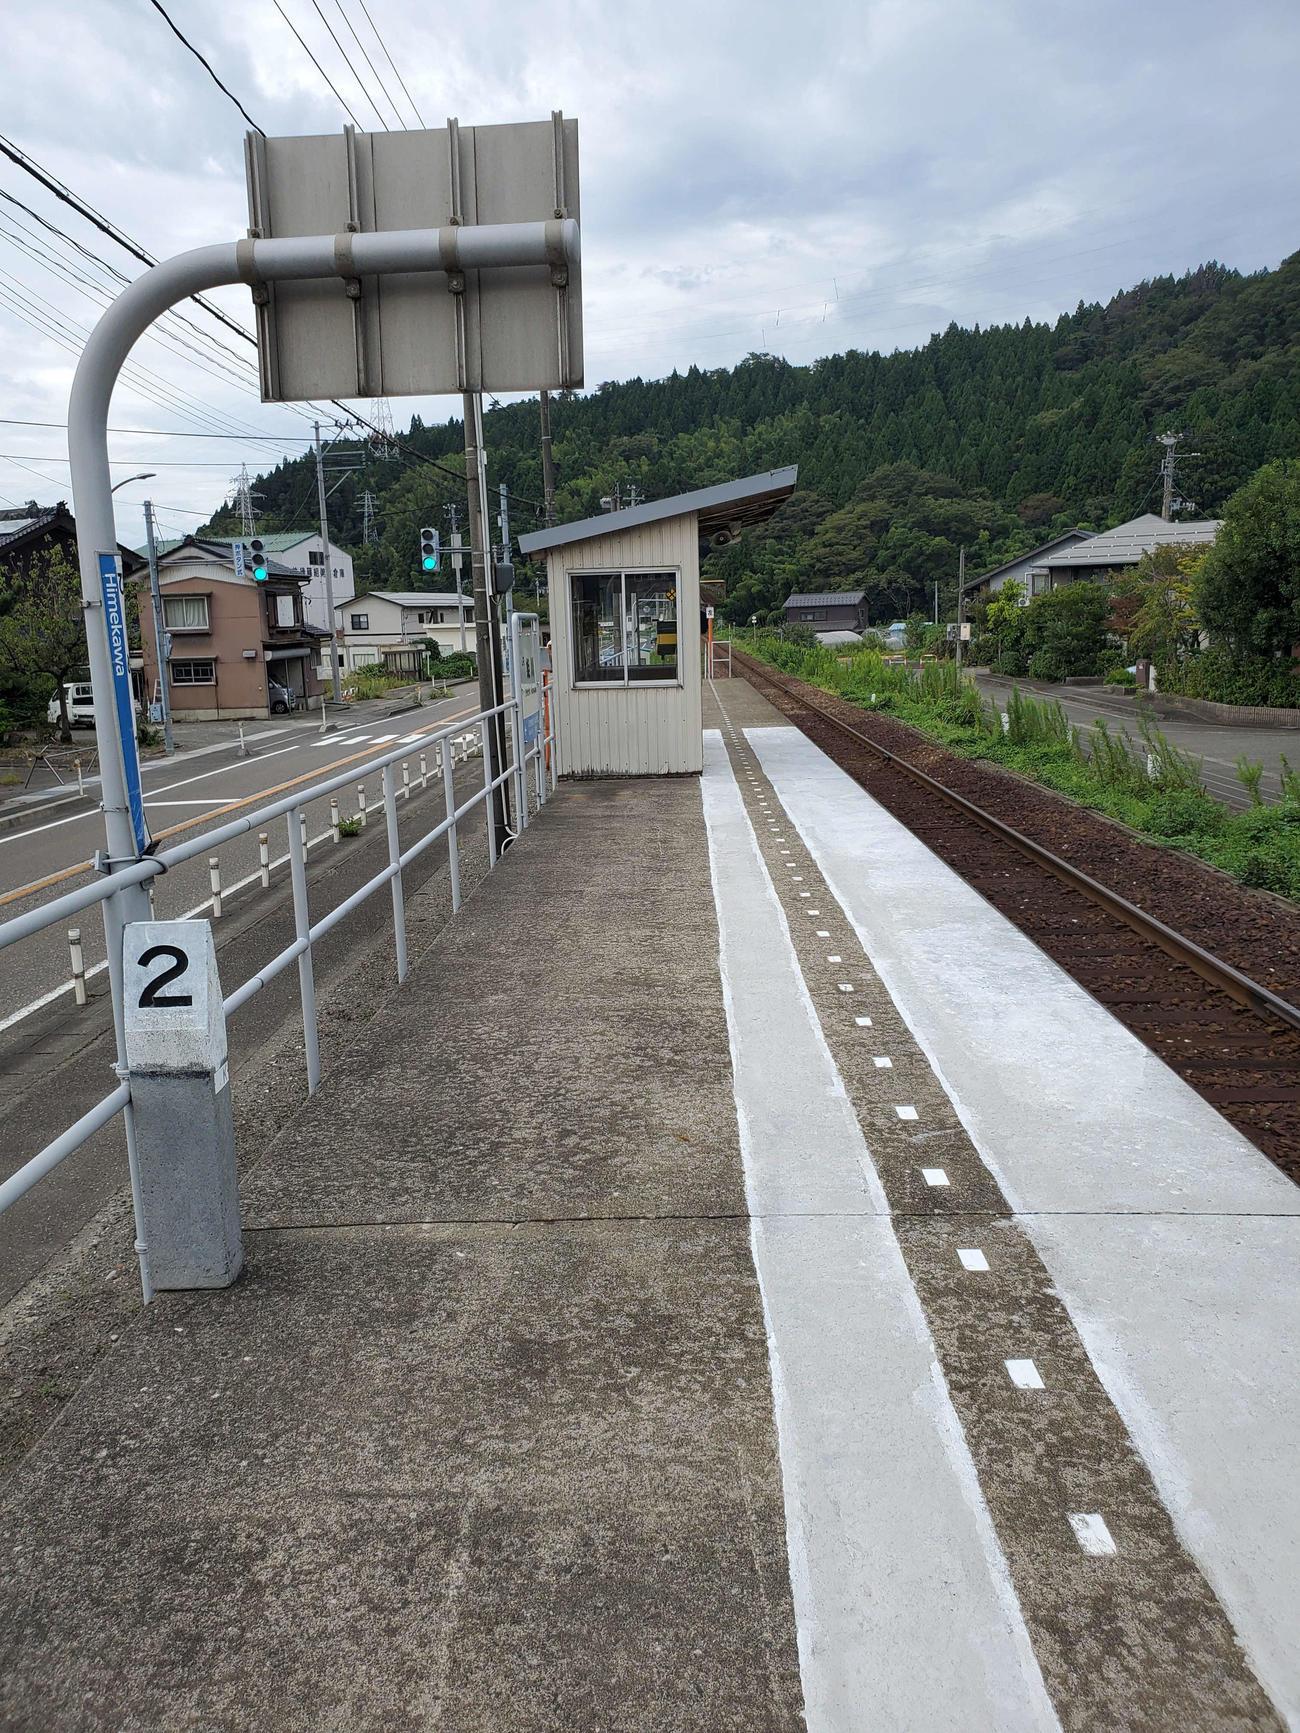 〈6〉姫川駅は大糸線で最も新しい駅でホームと待合所だけの簡素な構造